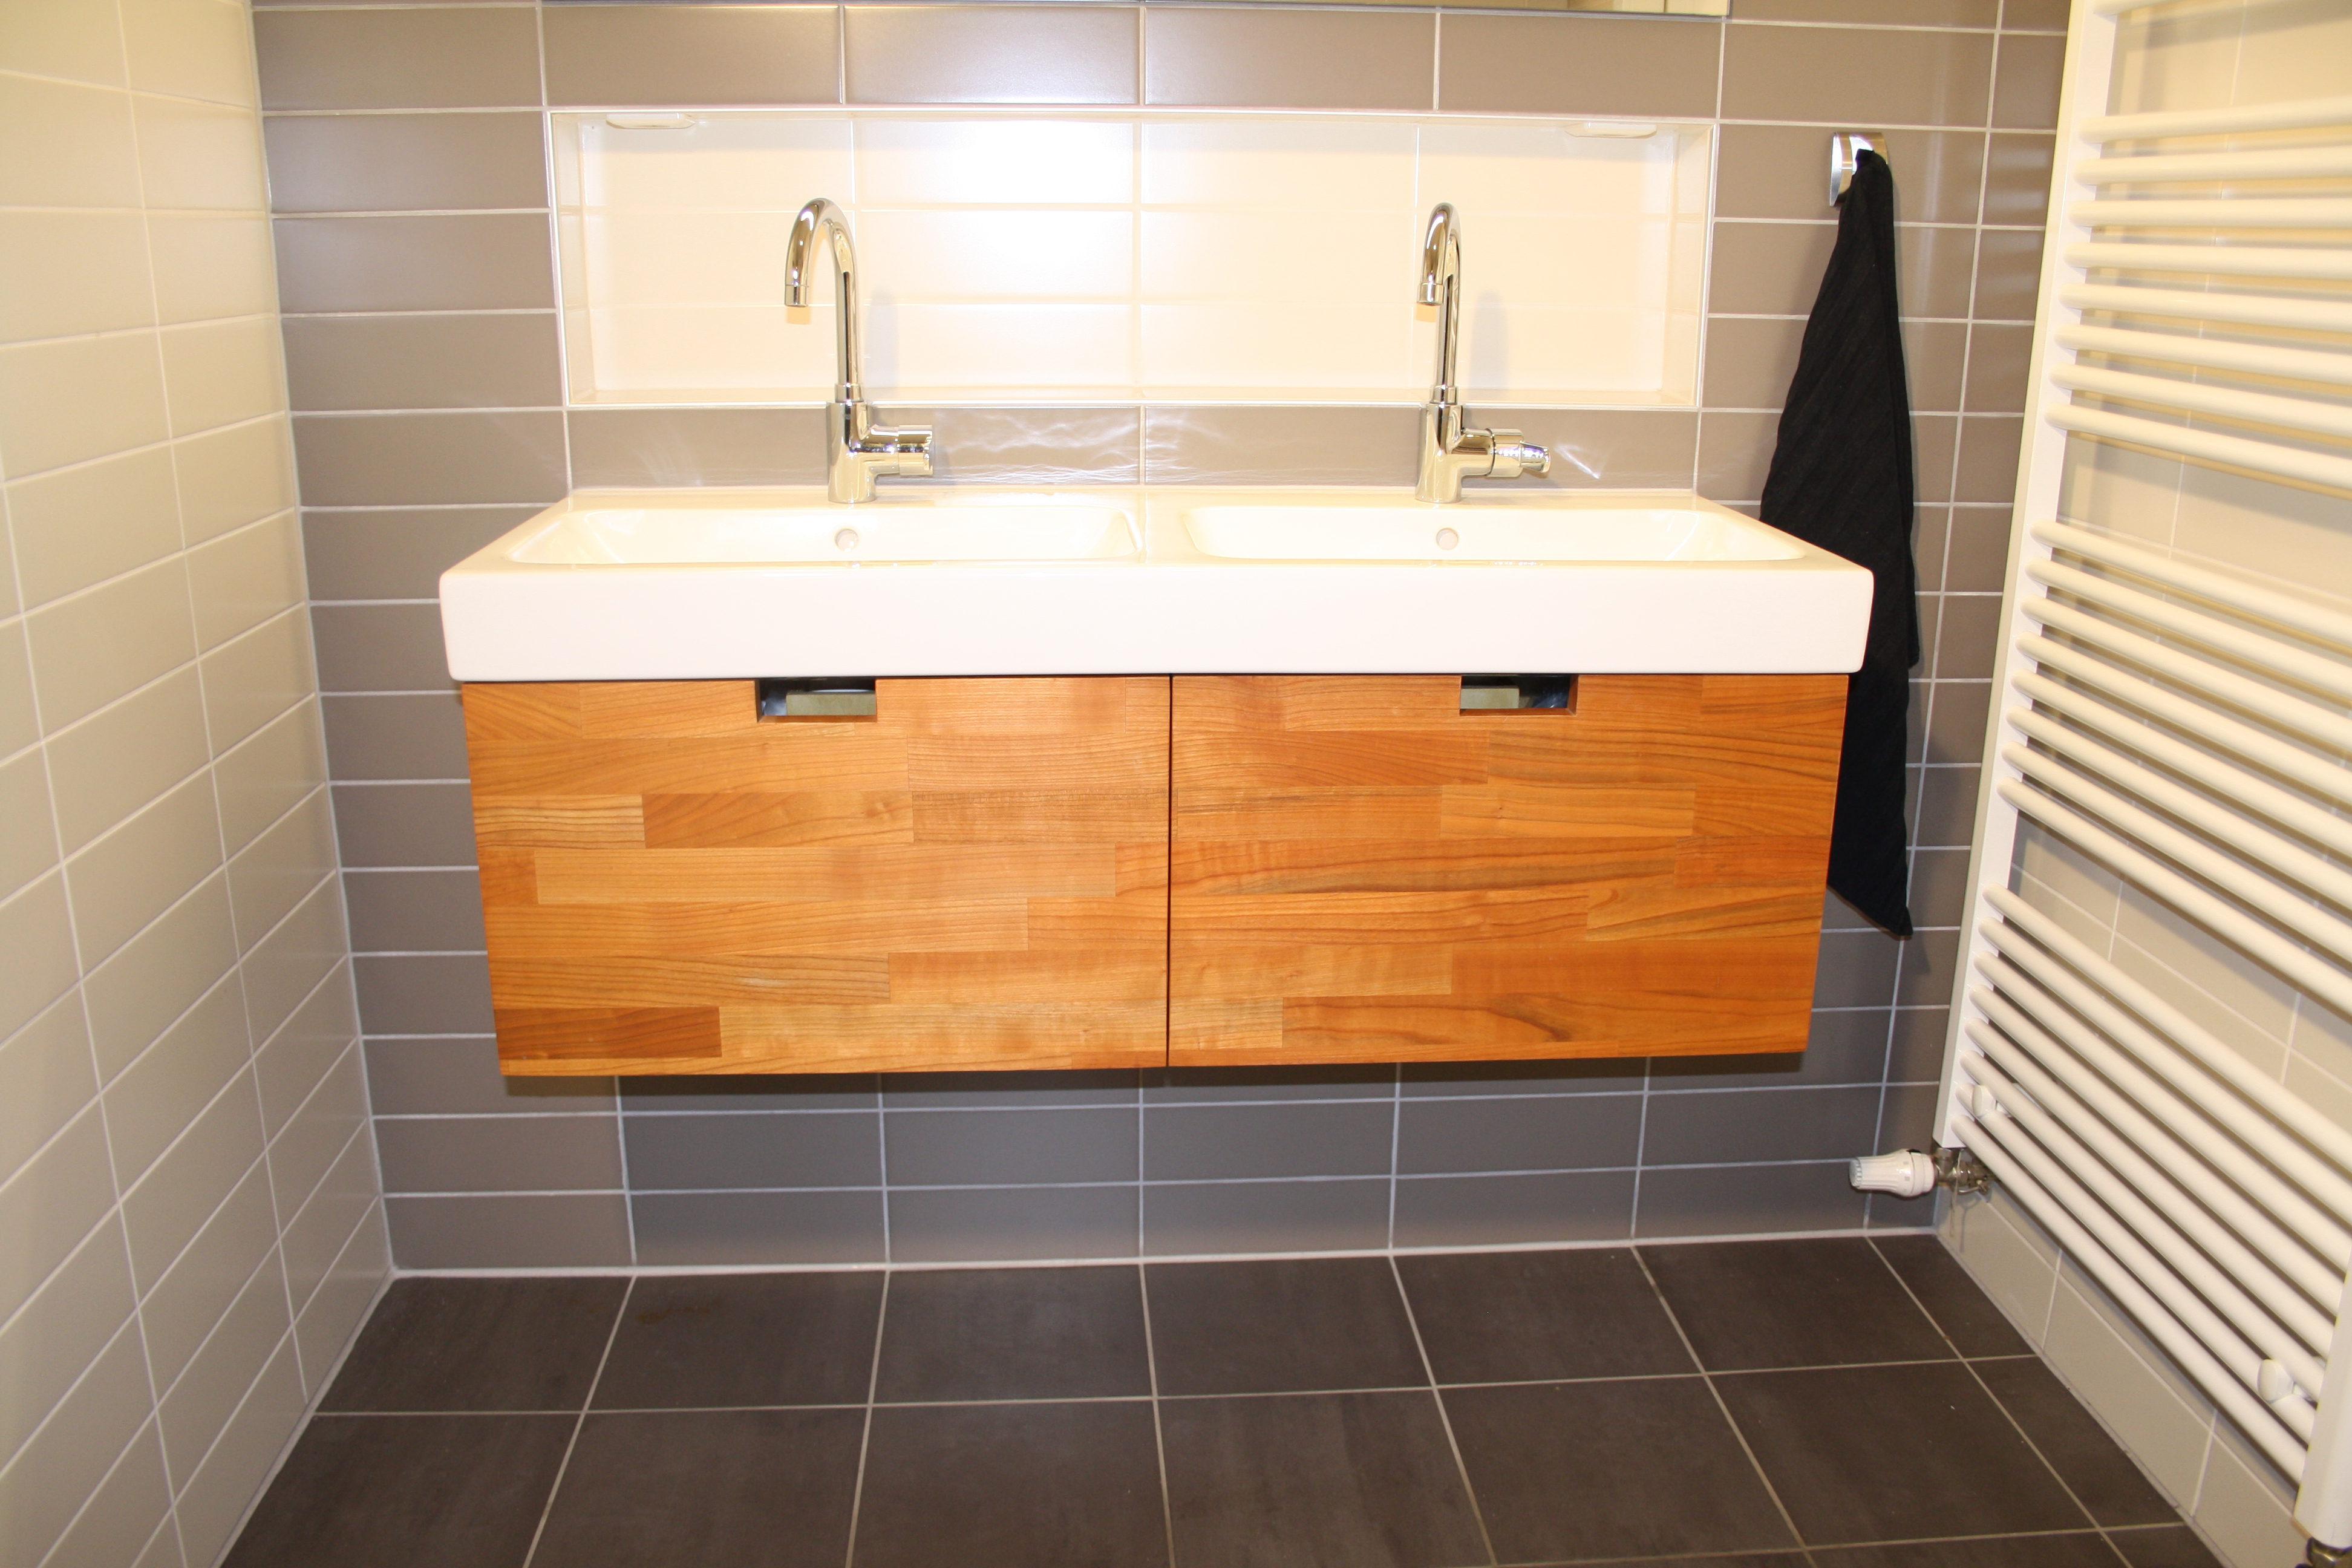 Badkamermeubel Op Maat : Badkamermeubel op maat joep slooten maakt t